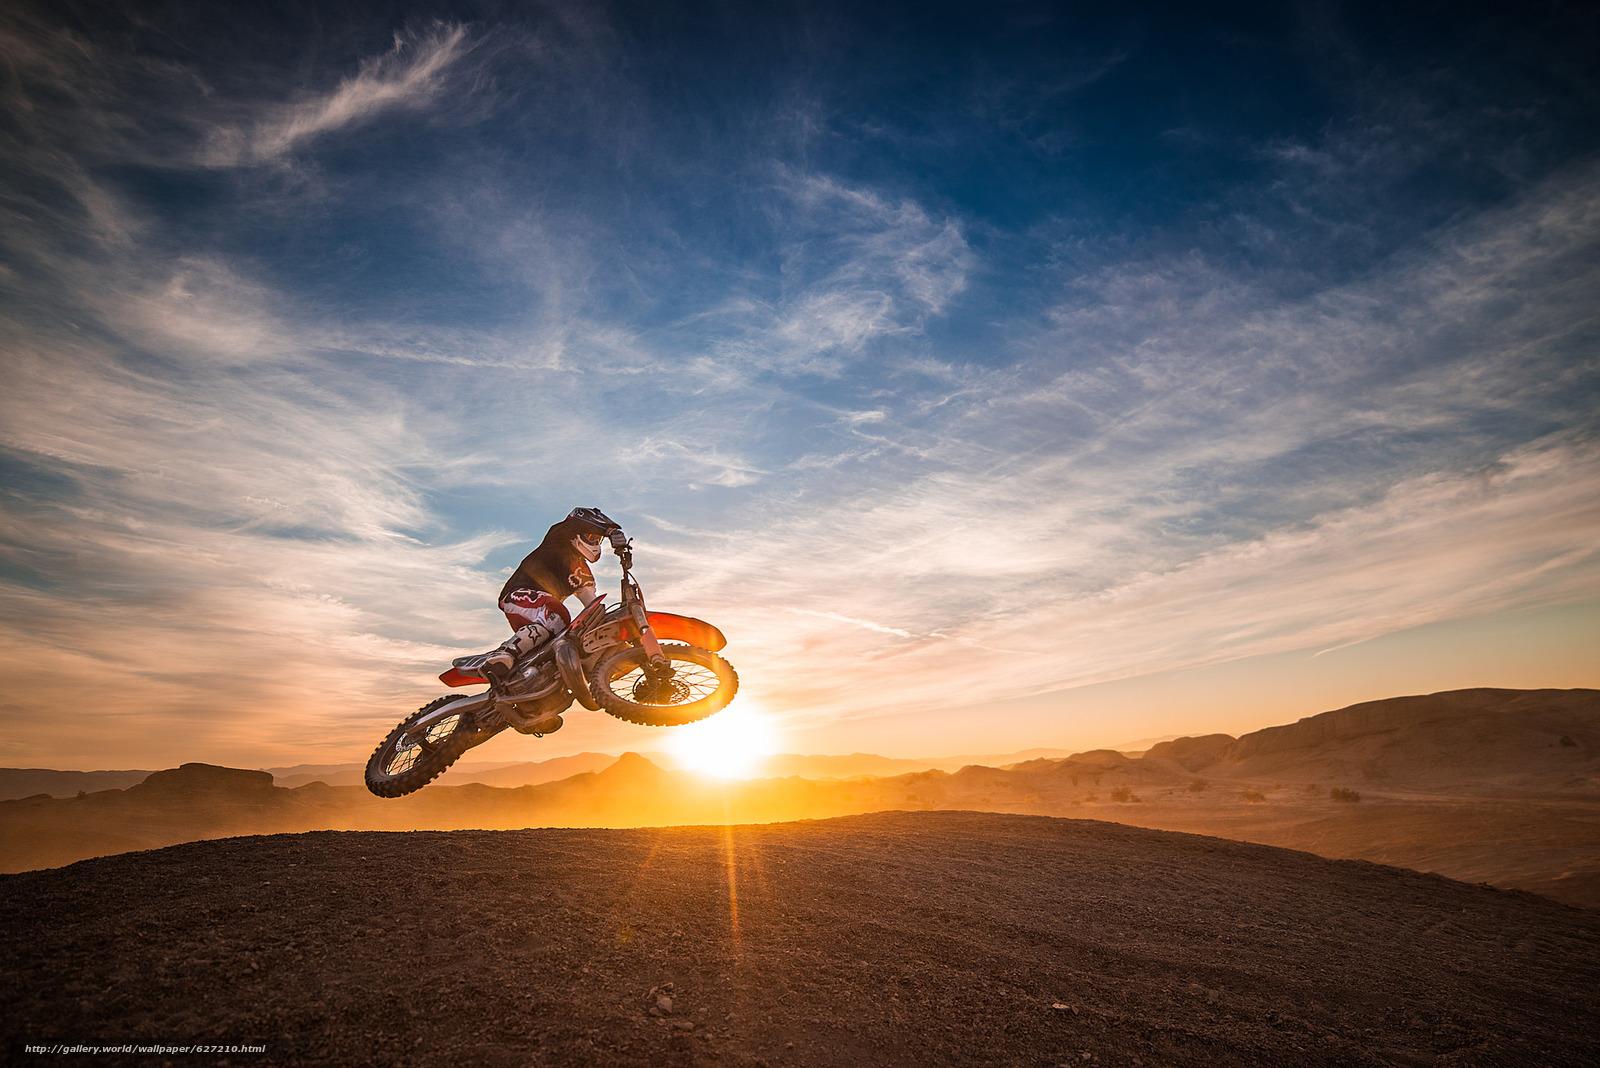 мотокросс, мотоциклист, закат